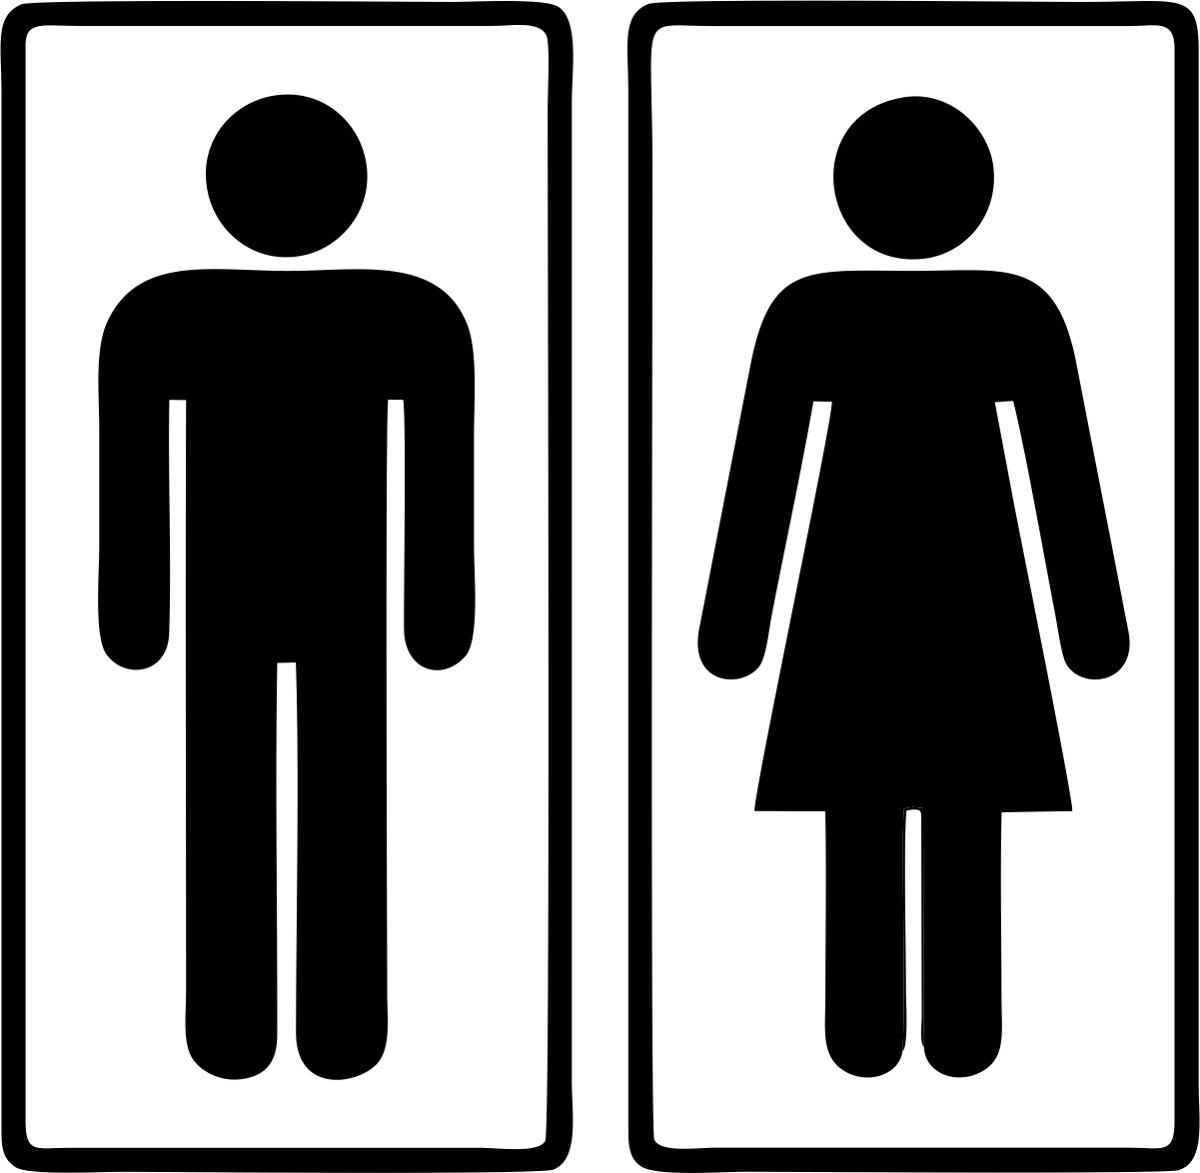 Adesivo Sinalização Banheiro Masculino Feminino  R$ 5,99 em Mercado Livre -> Sinalizacao Banheiro Feminino E Masculino